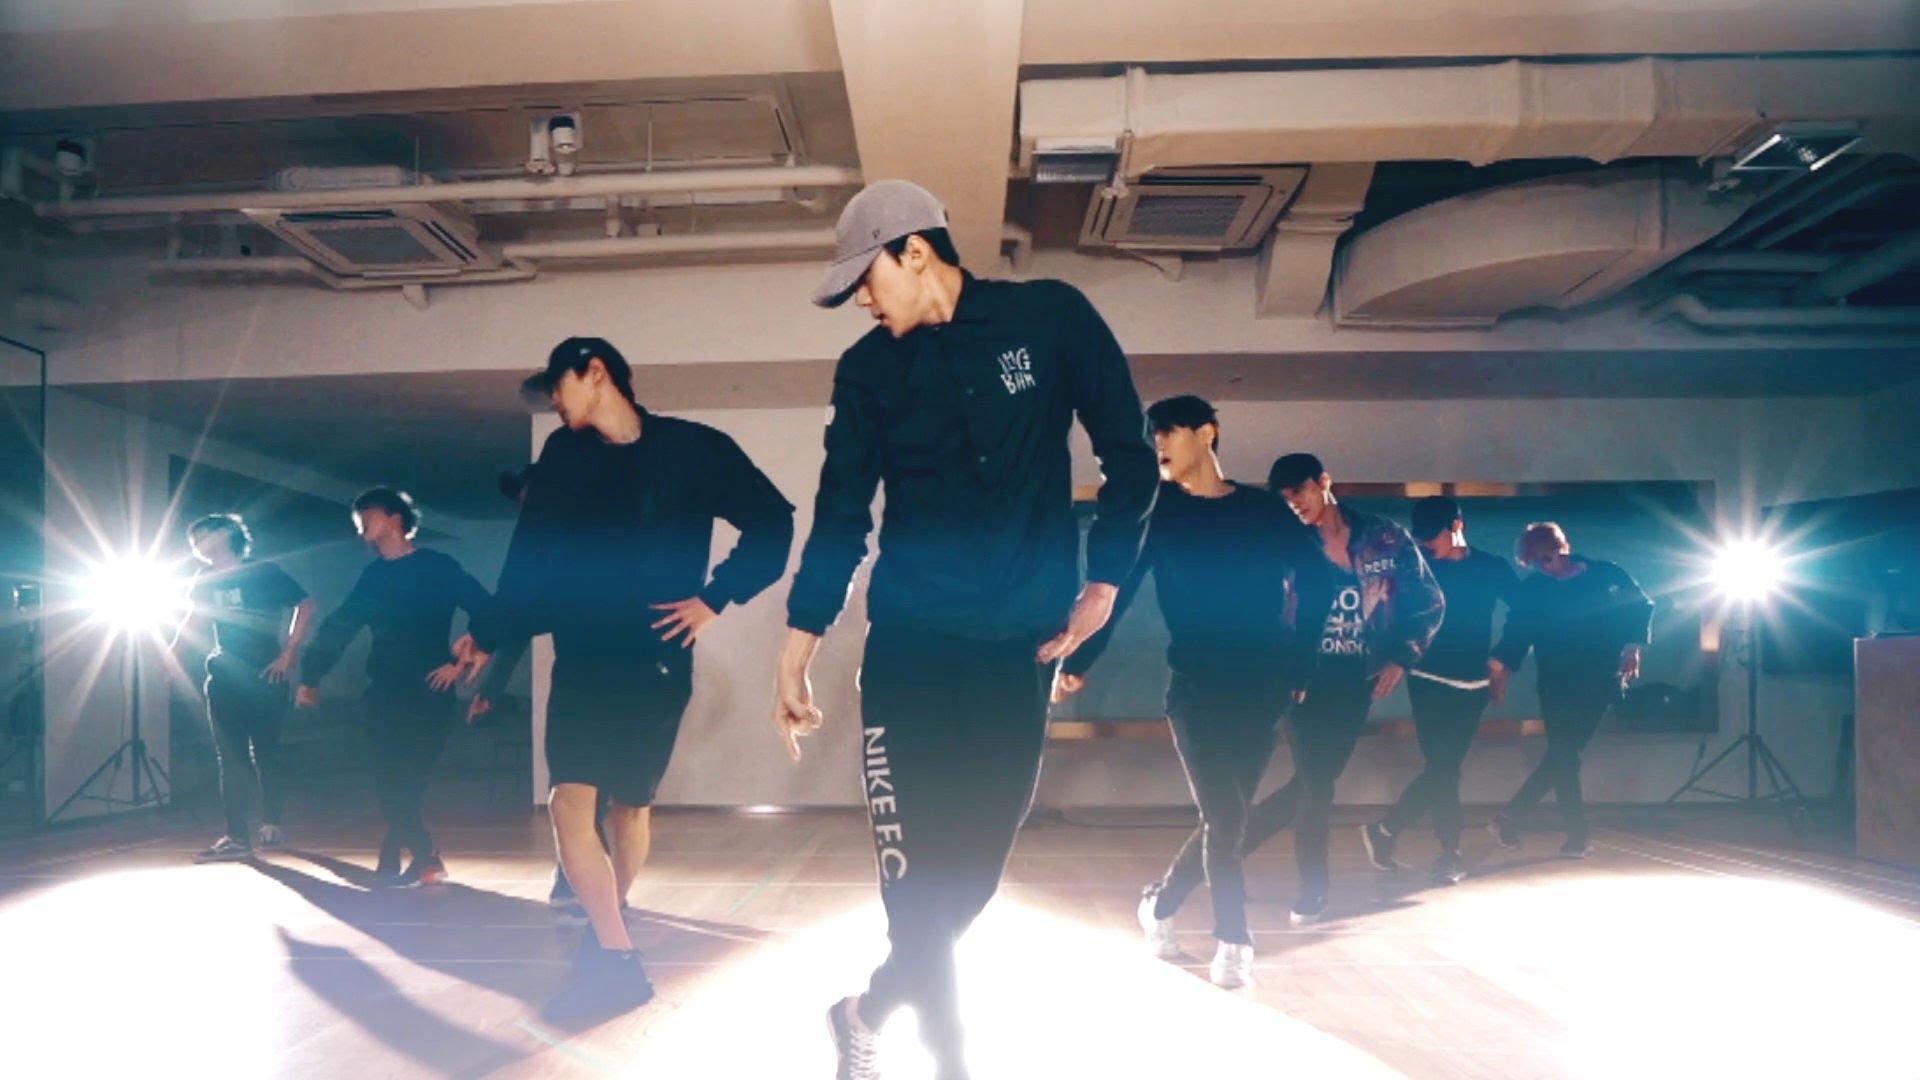 Exo Monster Dance Practice Video 2016 Imdb